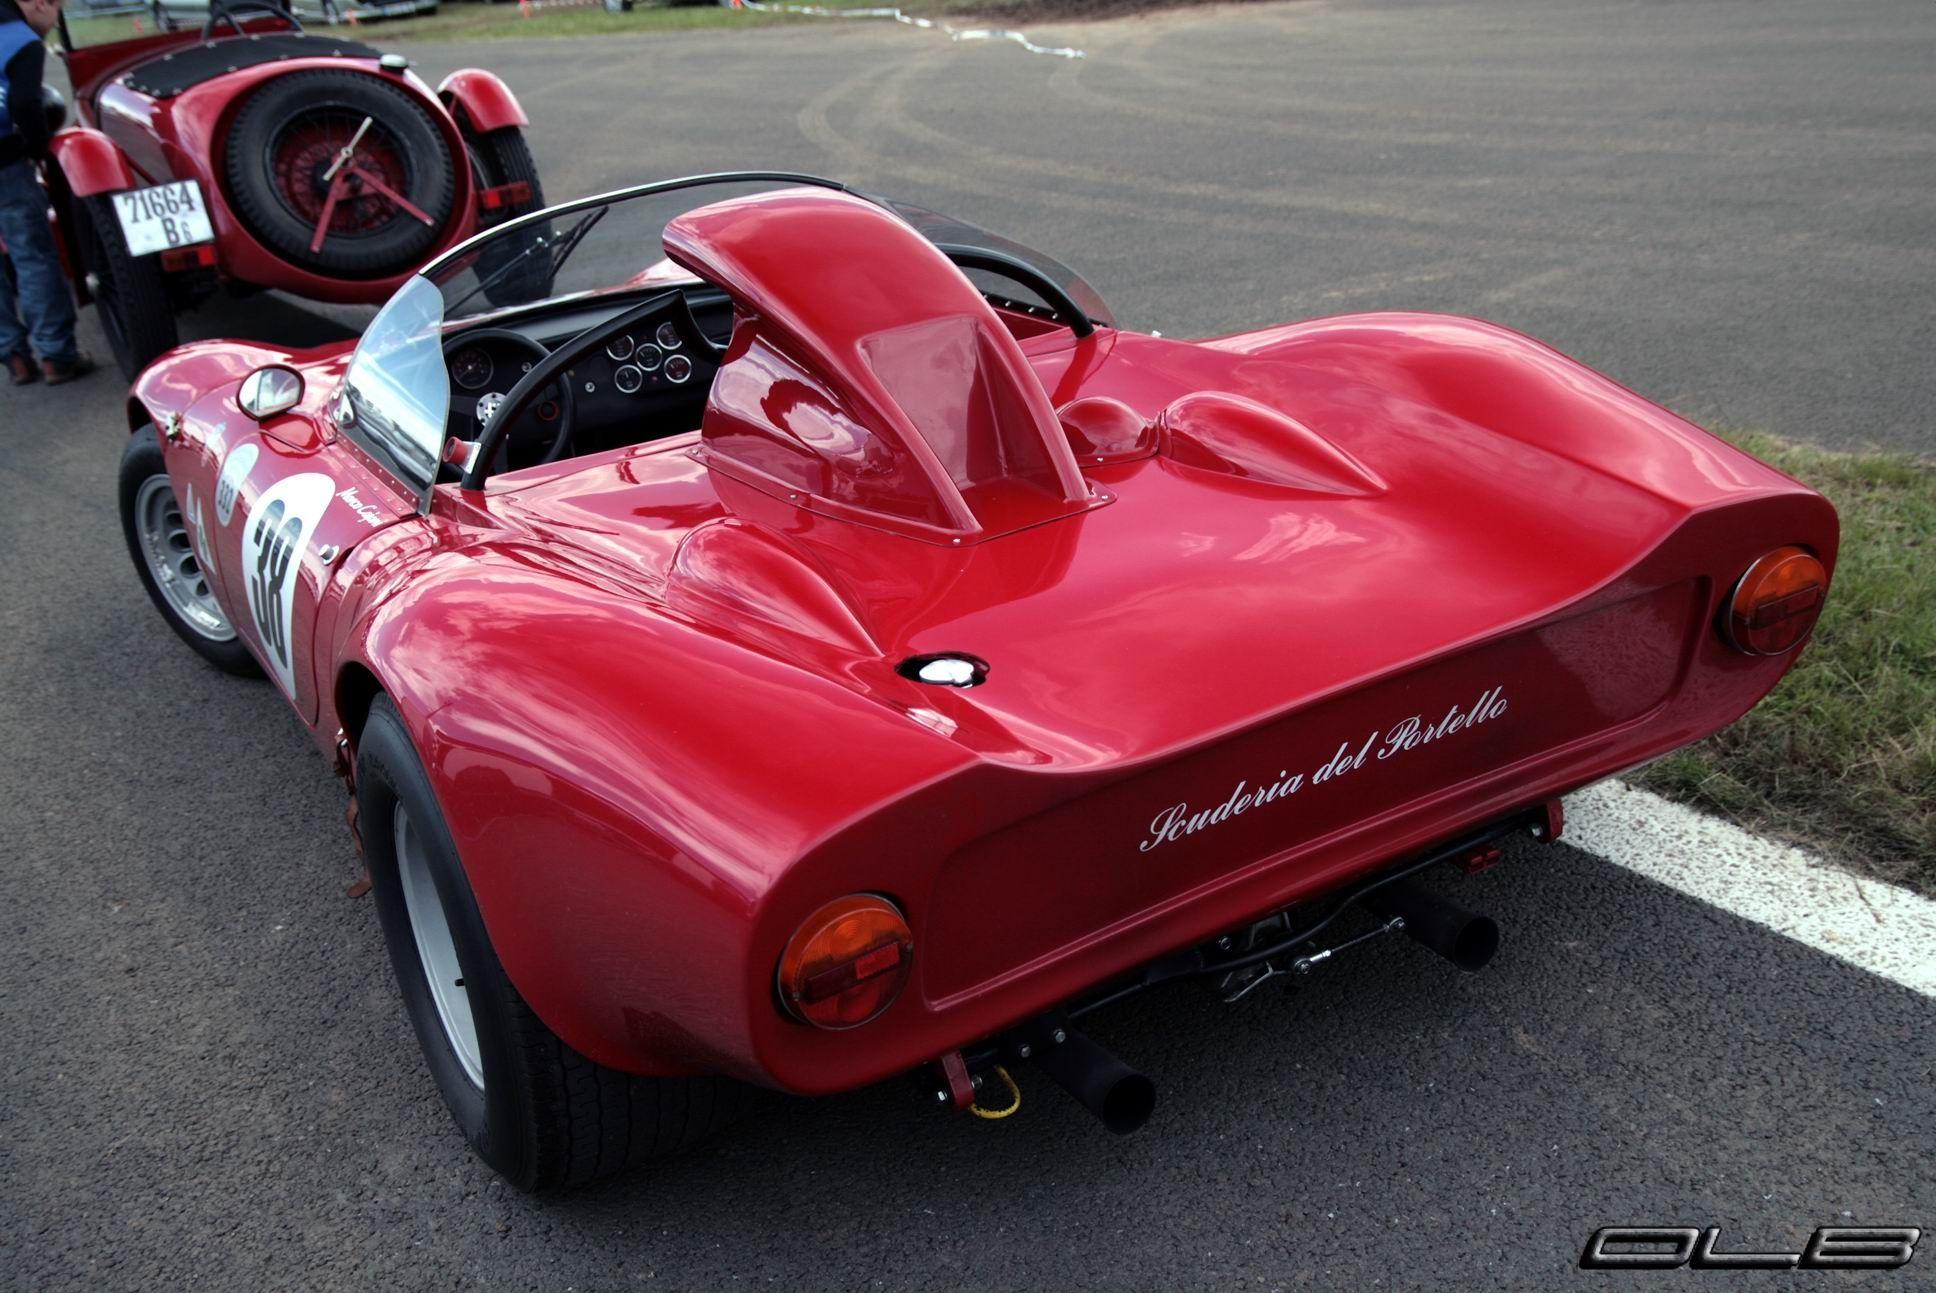 1966 Alfa Romeo Tipo 33 Periscopica Racing Cars Alfa Romeo Alfa